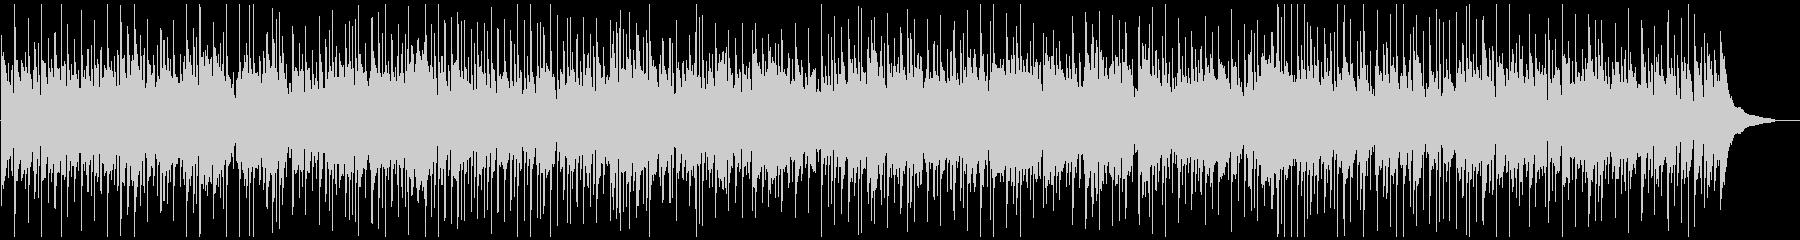 ピアノ、カントリーバラードの未再生の波形